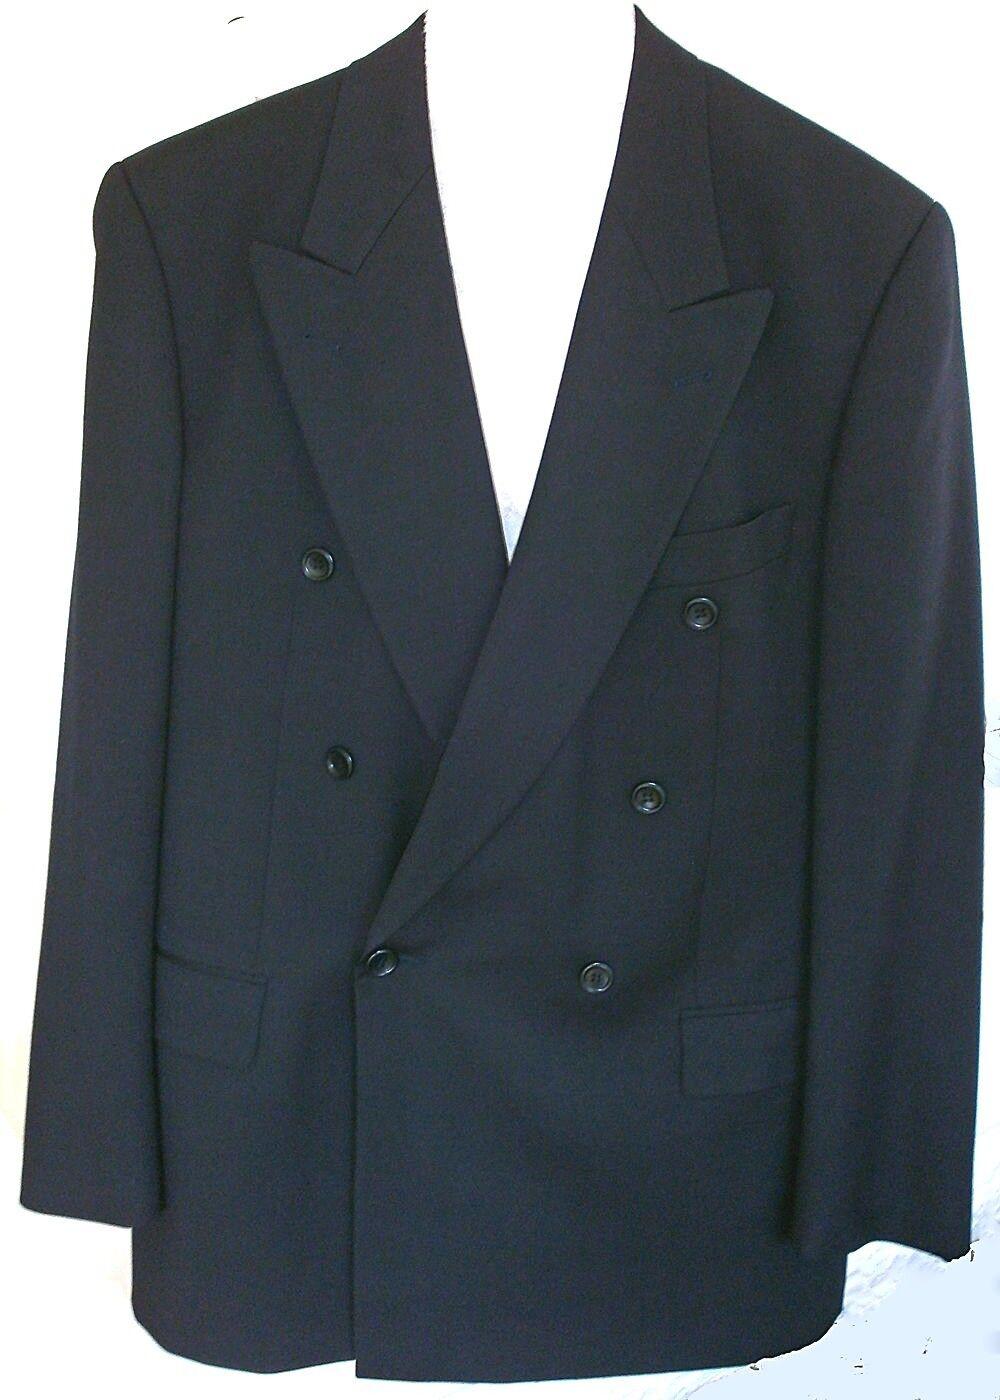 Blazer BOSS Zweireiher_ Schurwolle Schurwolle Schurwolle dunkelblau, leicht+etwas glänzend Größe 102   Günstige Preise  9a342e